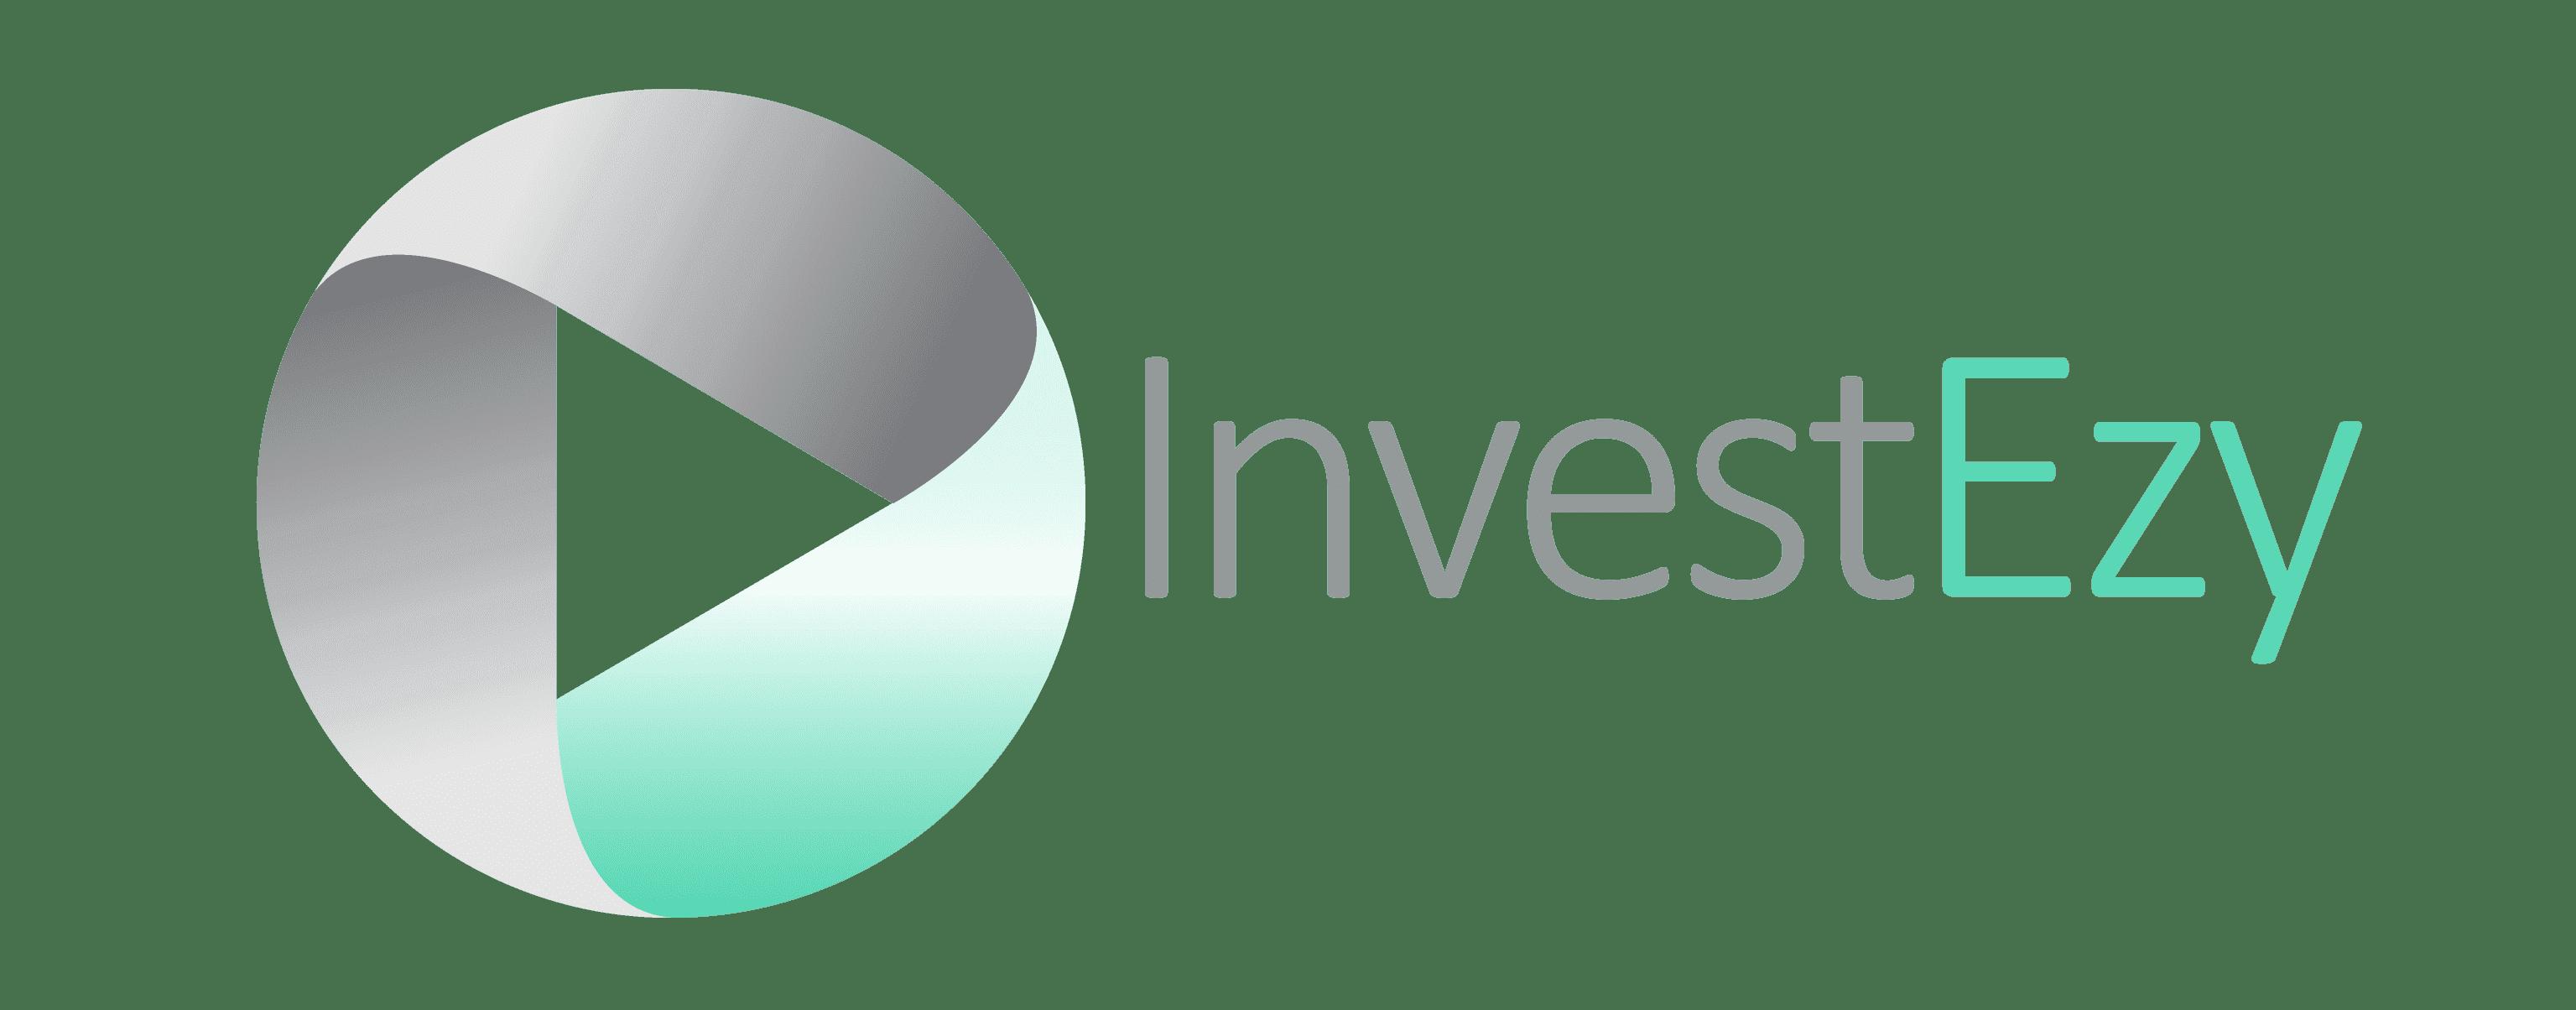 Invest-Ezy